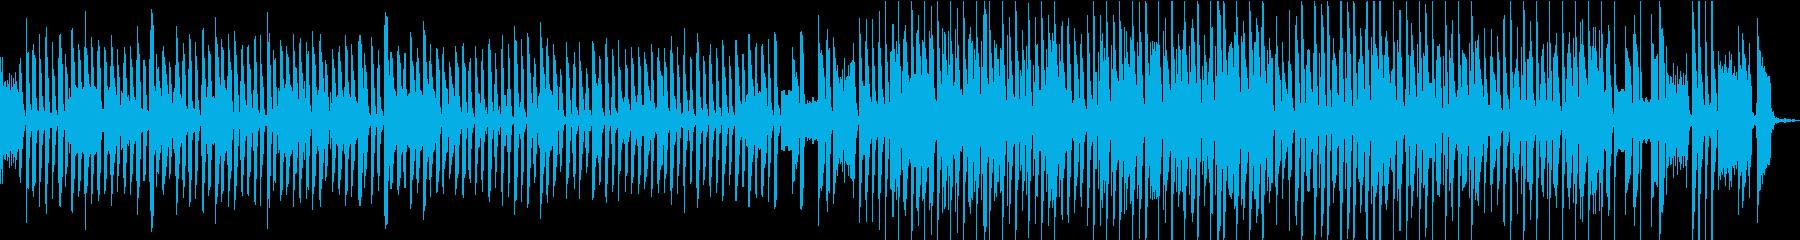 ピアノと口笛のほのぼの明るい曲 映像などの再生済みの波形